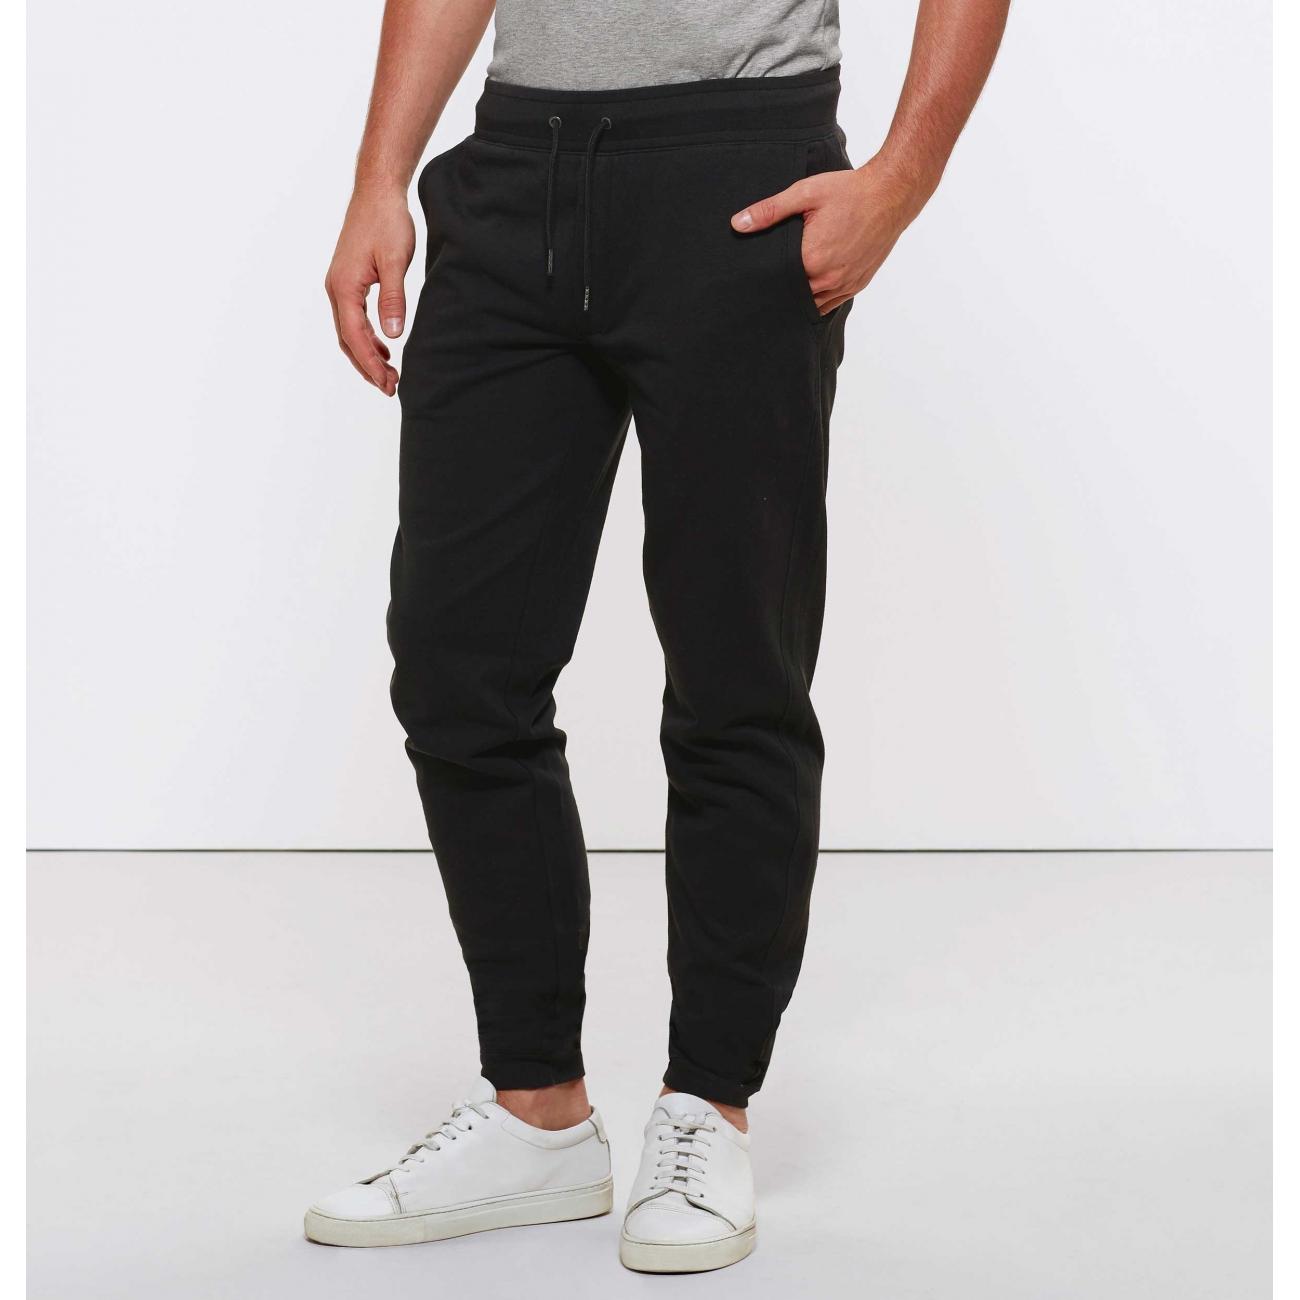 http://tee-shirt-bio.com/5728-thickbox_default/pantalon-de-jogging-en-coton-bio-noir-pour-homme.jpg